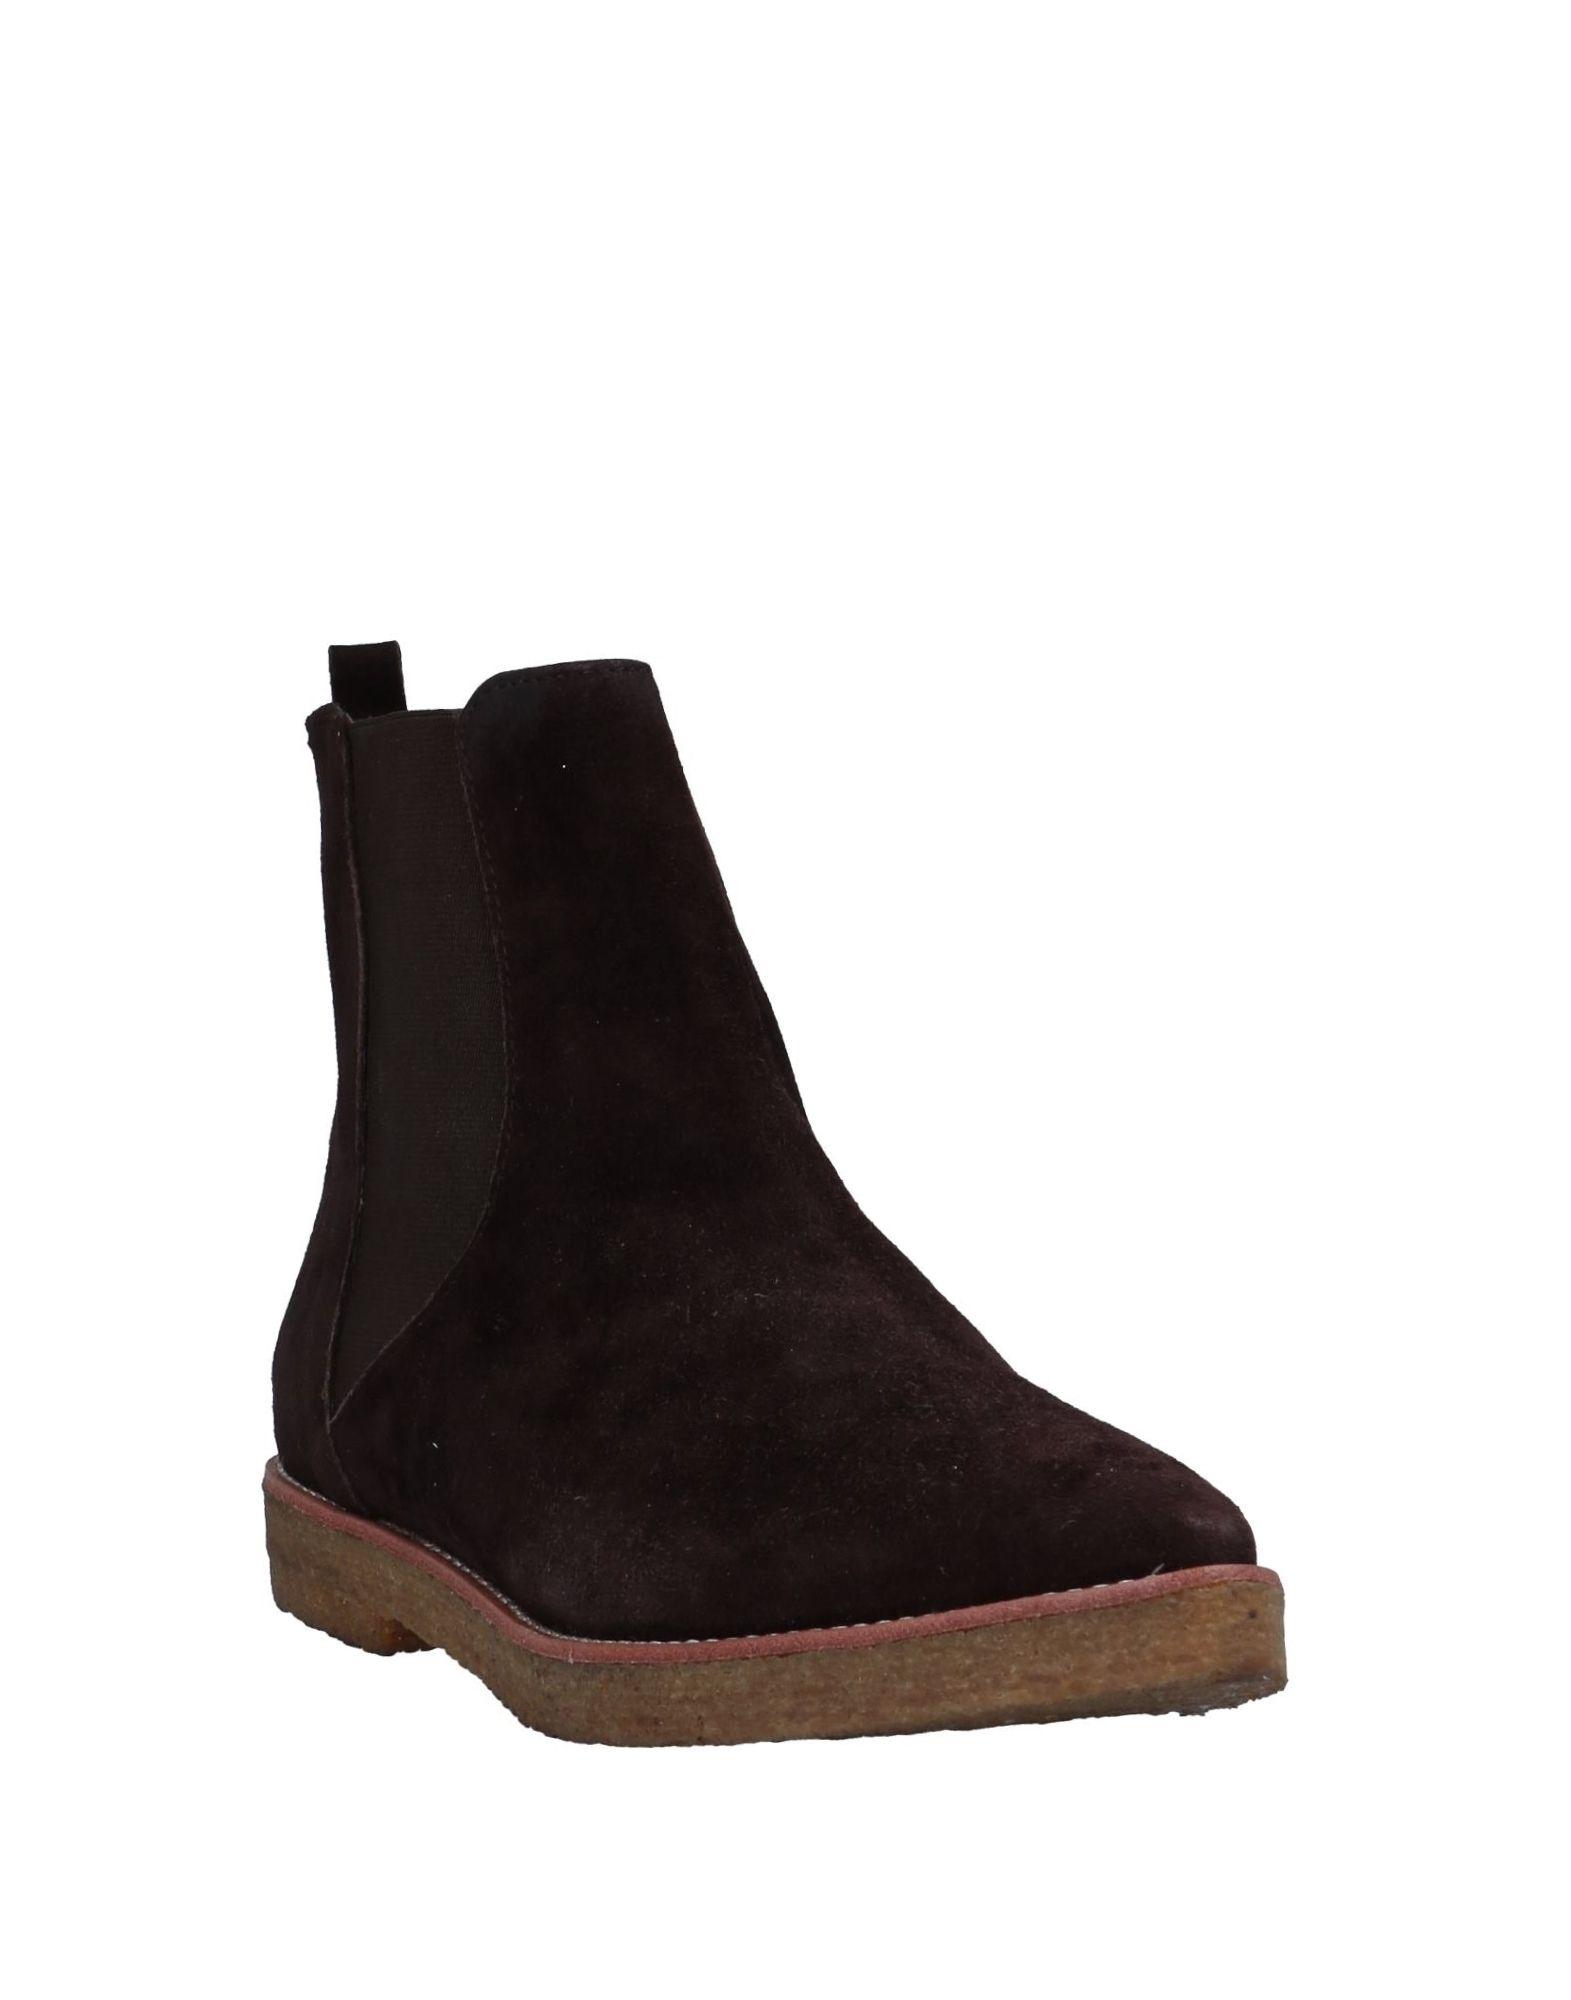 Gut um Rusconi billige Schuhe zu tragenFabio Rusconi um Chelsea Boots Damen  11546987UO 0f58b7